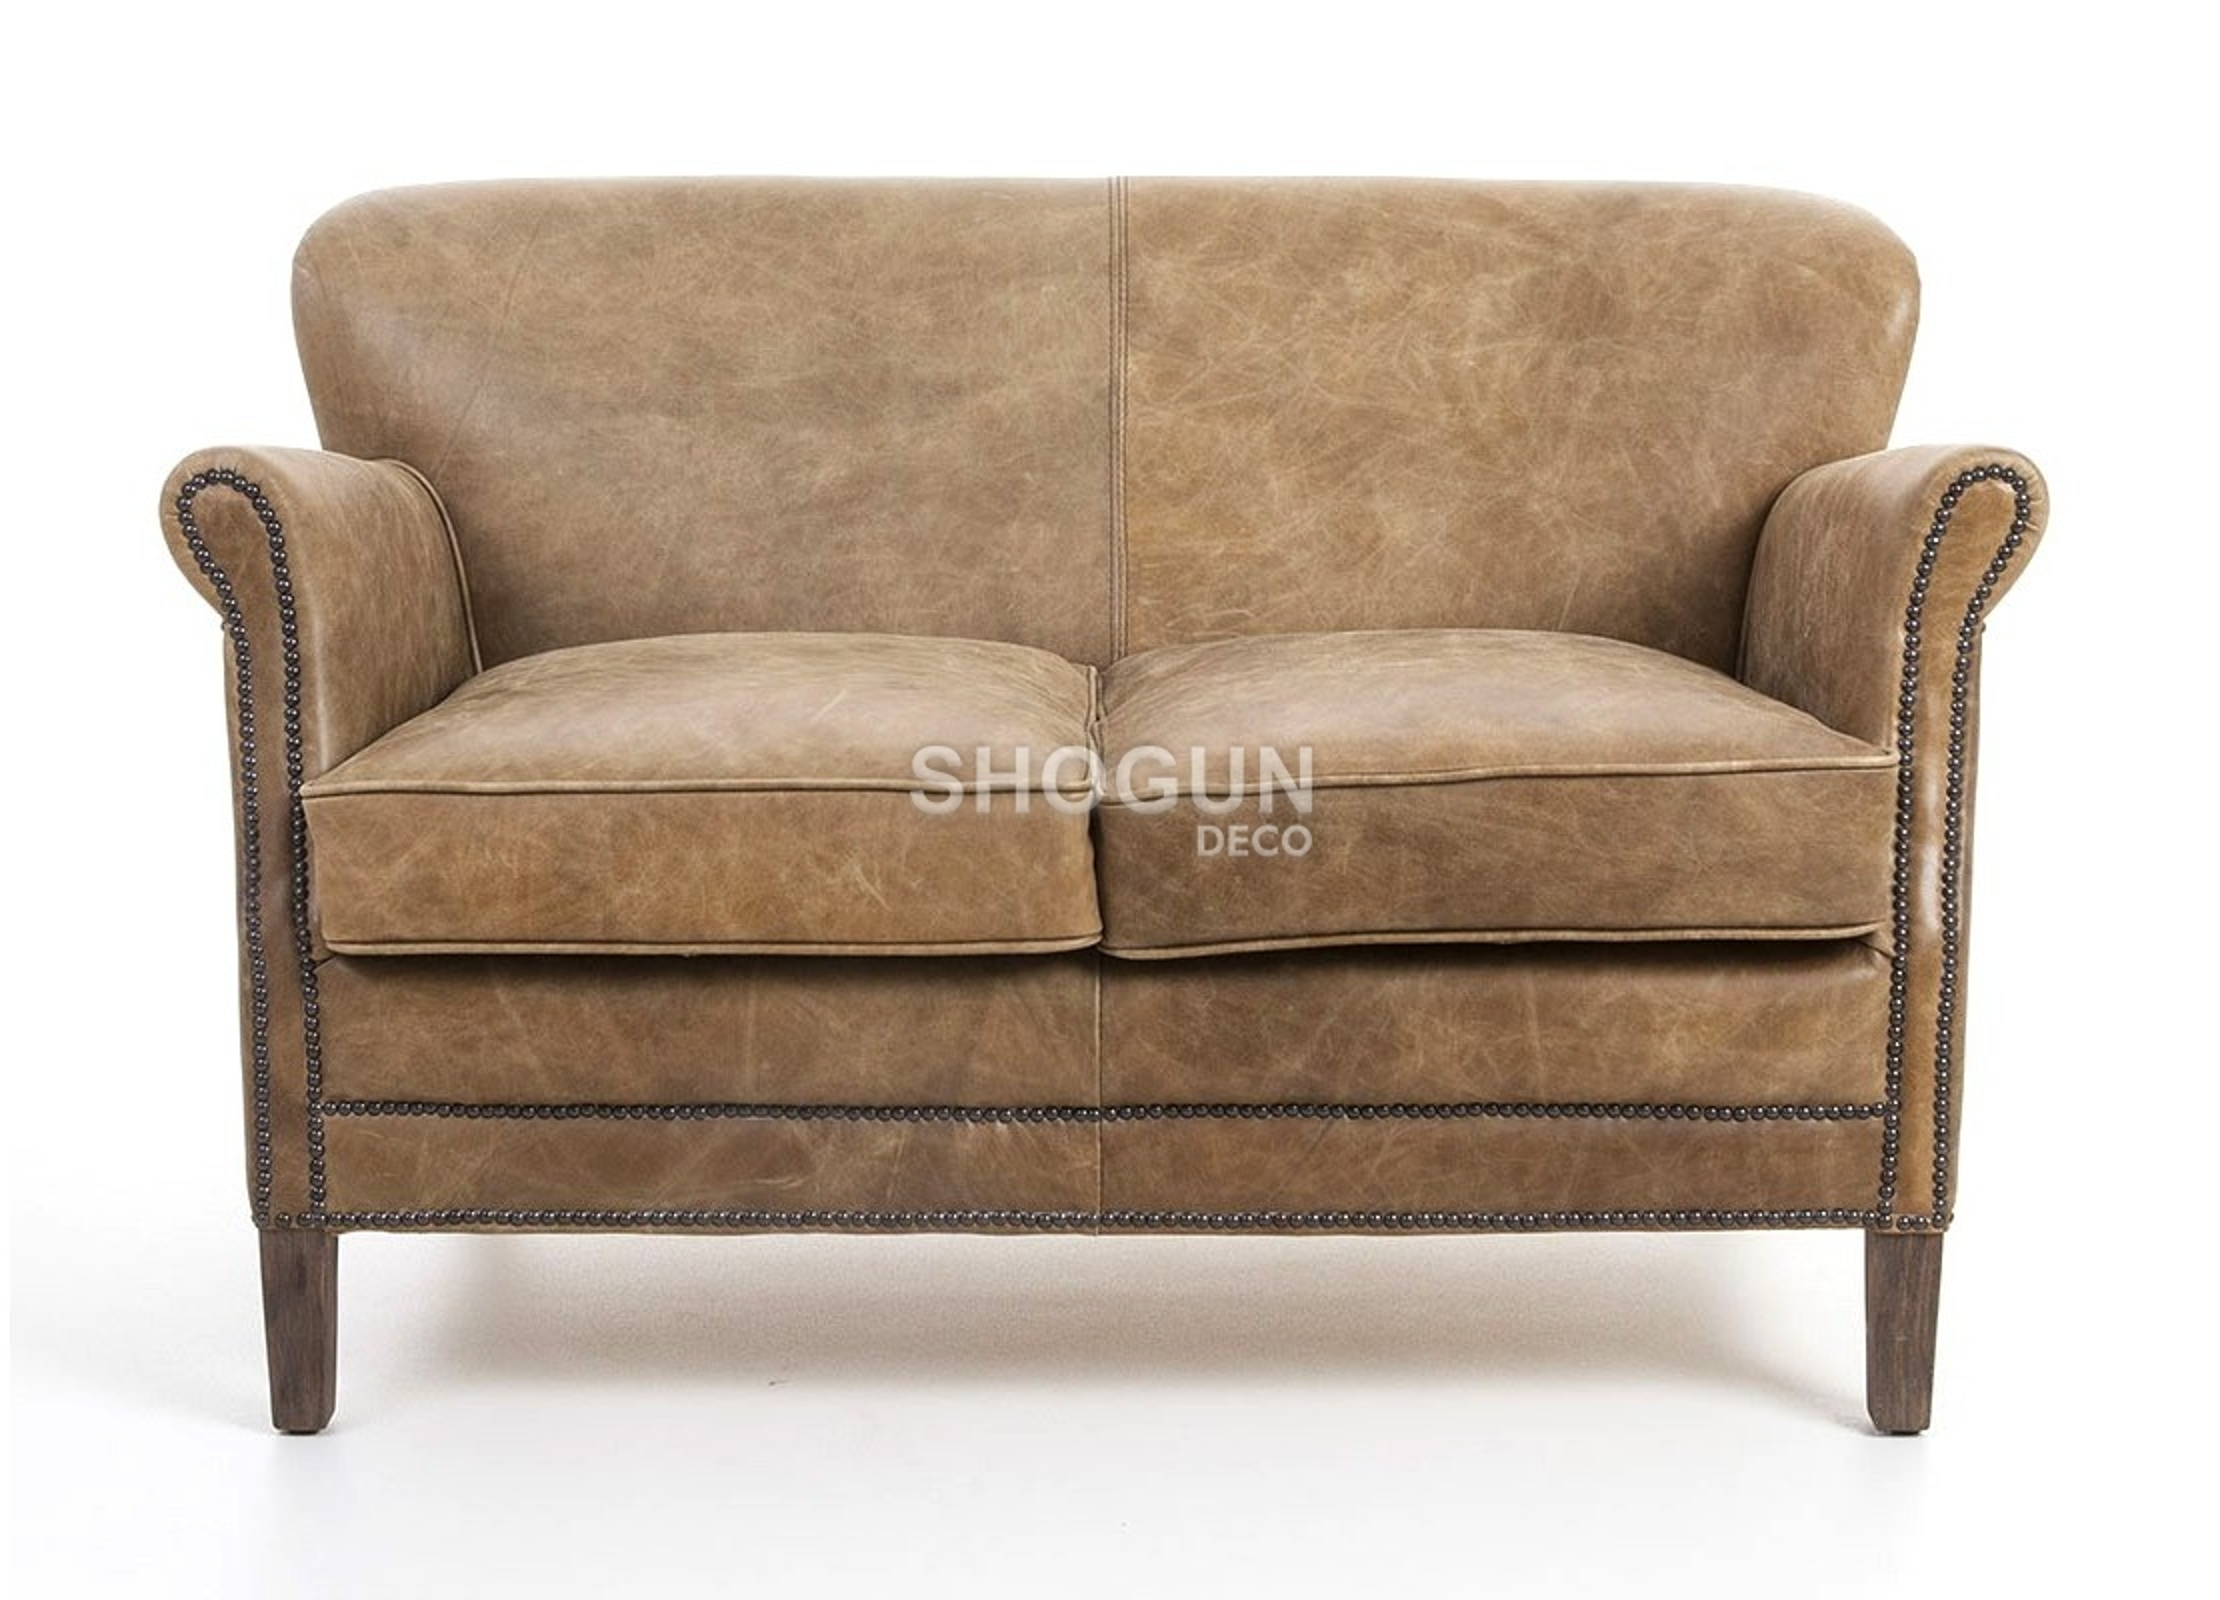 canap club 2 places en cuir marron vintage de qualit sup rieur. Black Bedroom Furniture Sets. Home Design Ideas